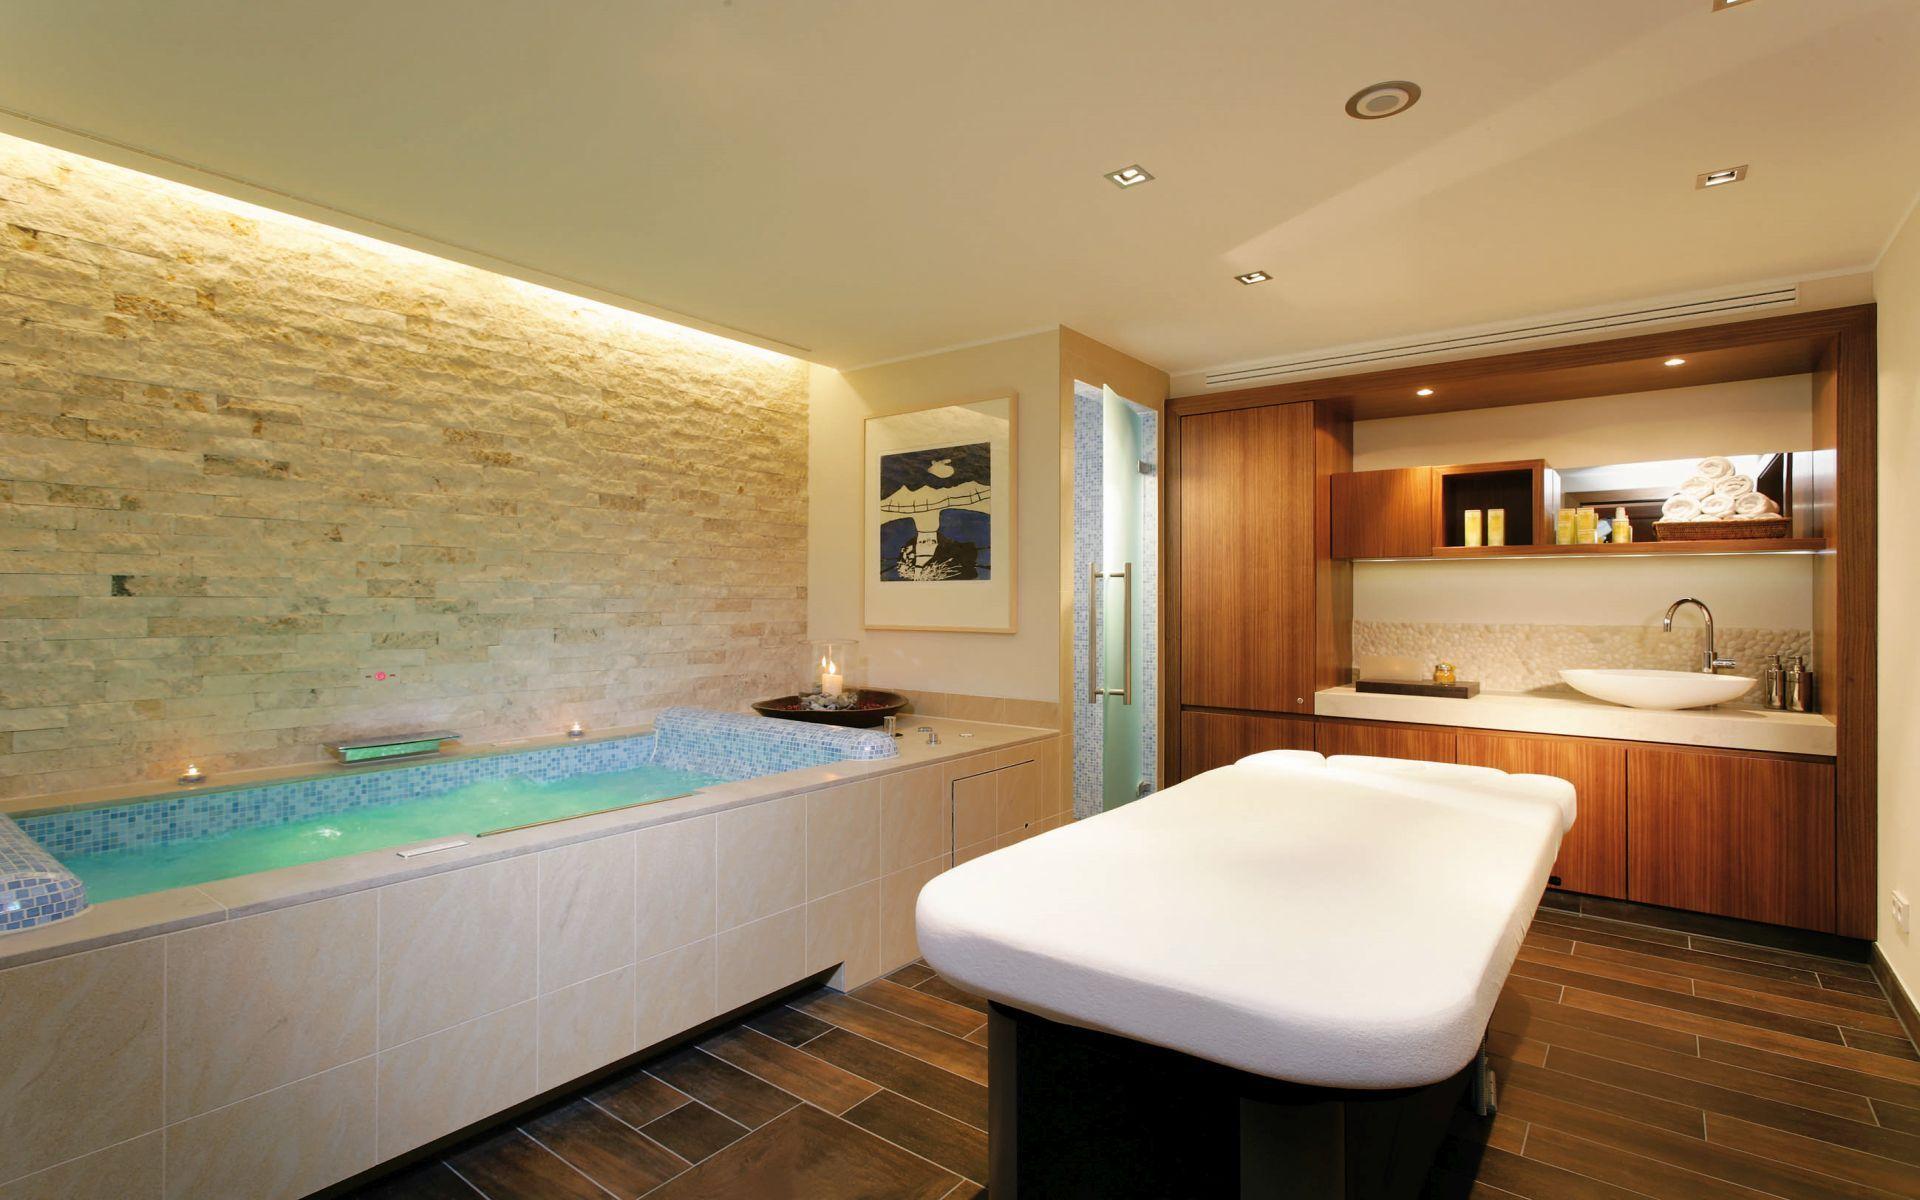 Erholung pur im 5 Sterne Hotel in Murnau am Staffelsee wellness clarins